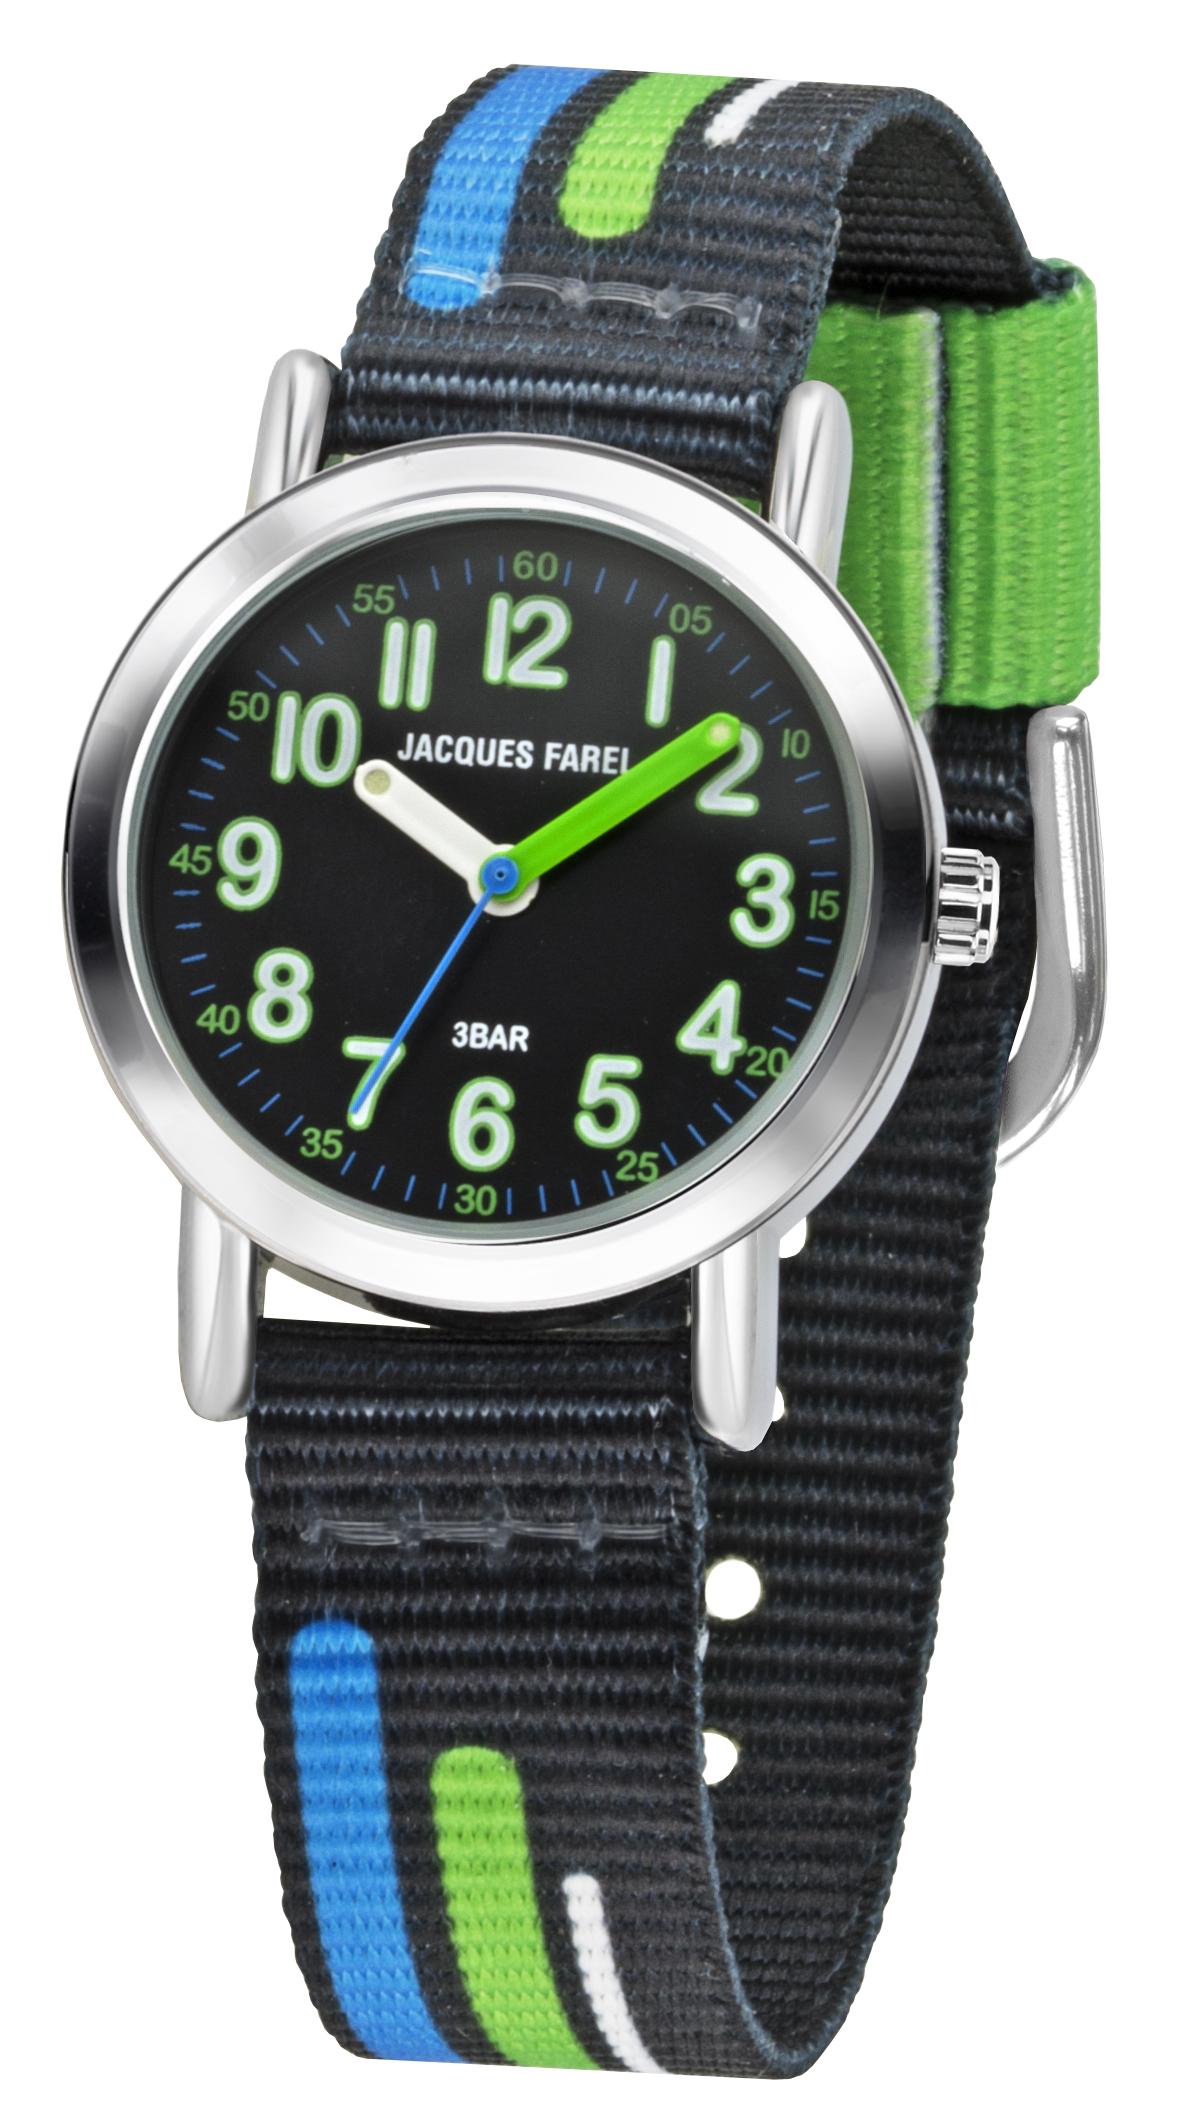 Kinderuhr von Jacques Farel KPS 403 Metallgehäuse und Textilarmband in schwarz mit blauen, grünen un